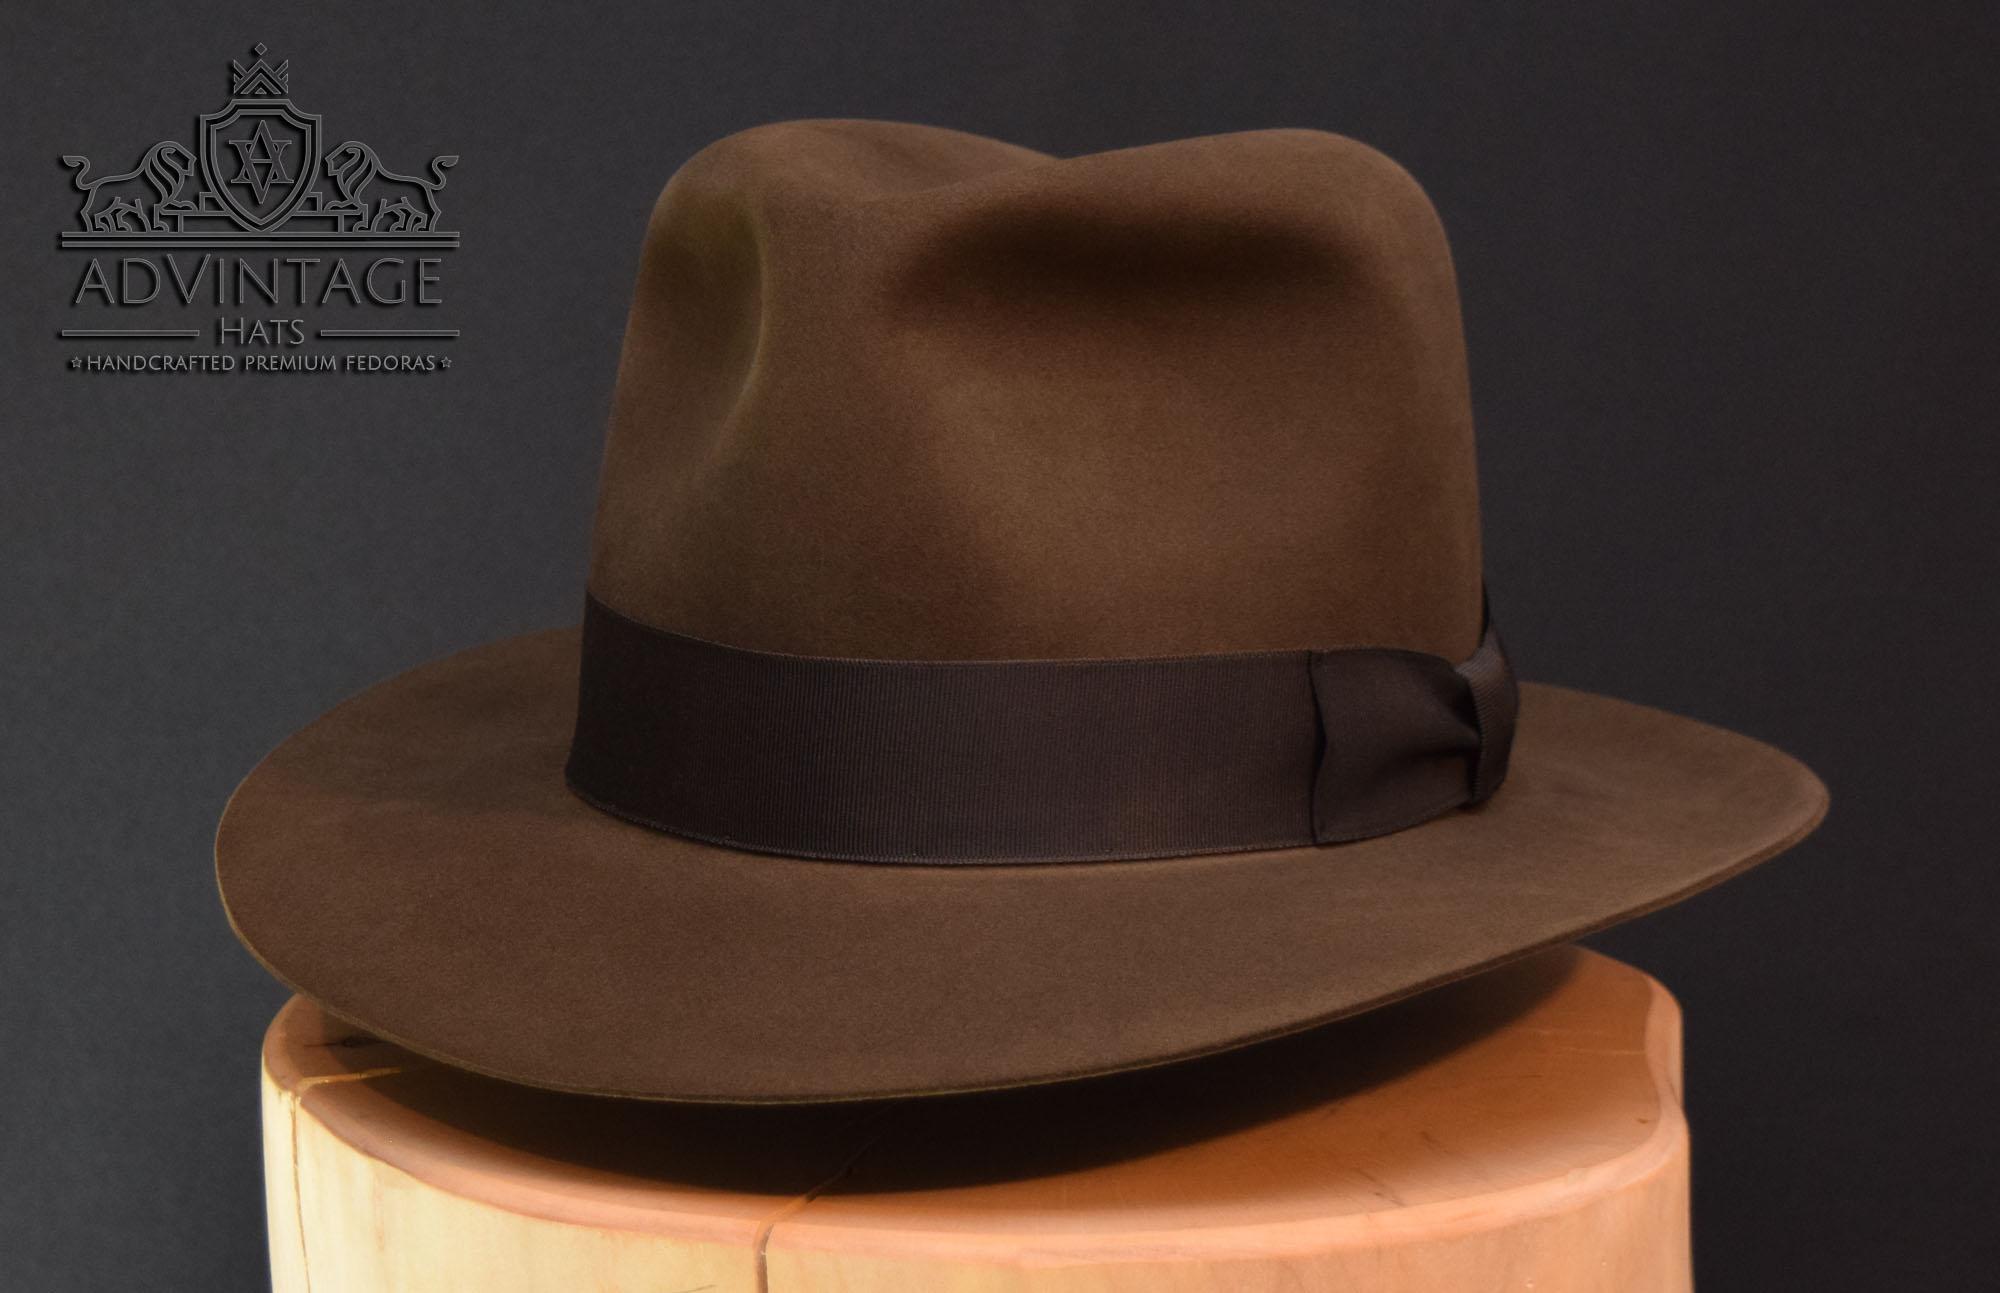 Temple of Doom Ind Indiana Jones Fedora hut hat bridge scene